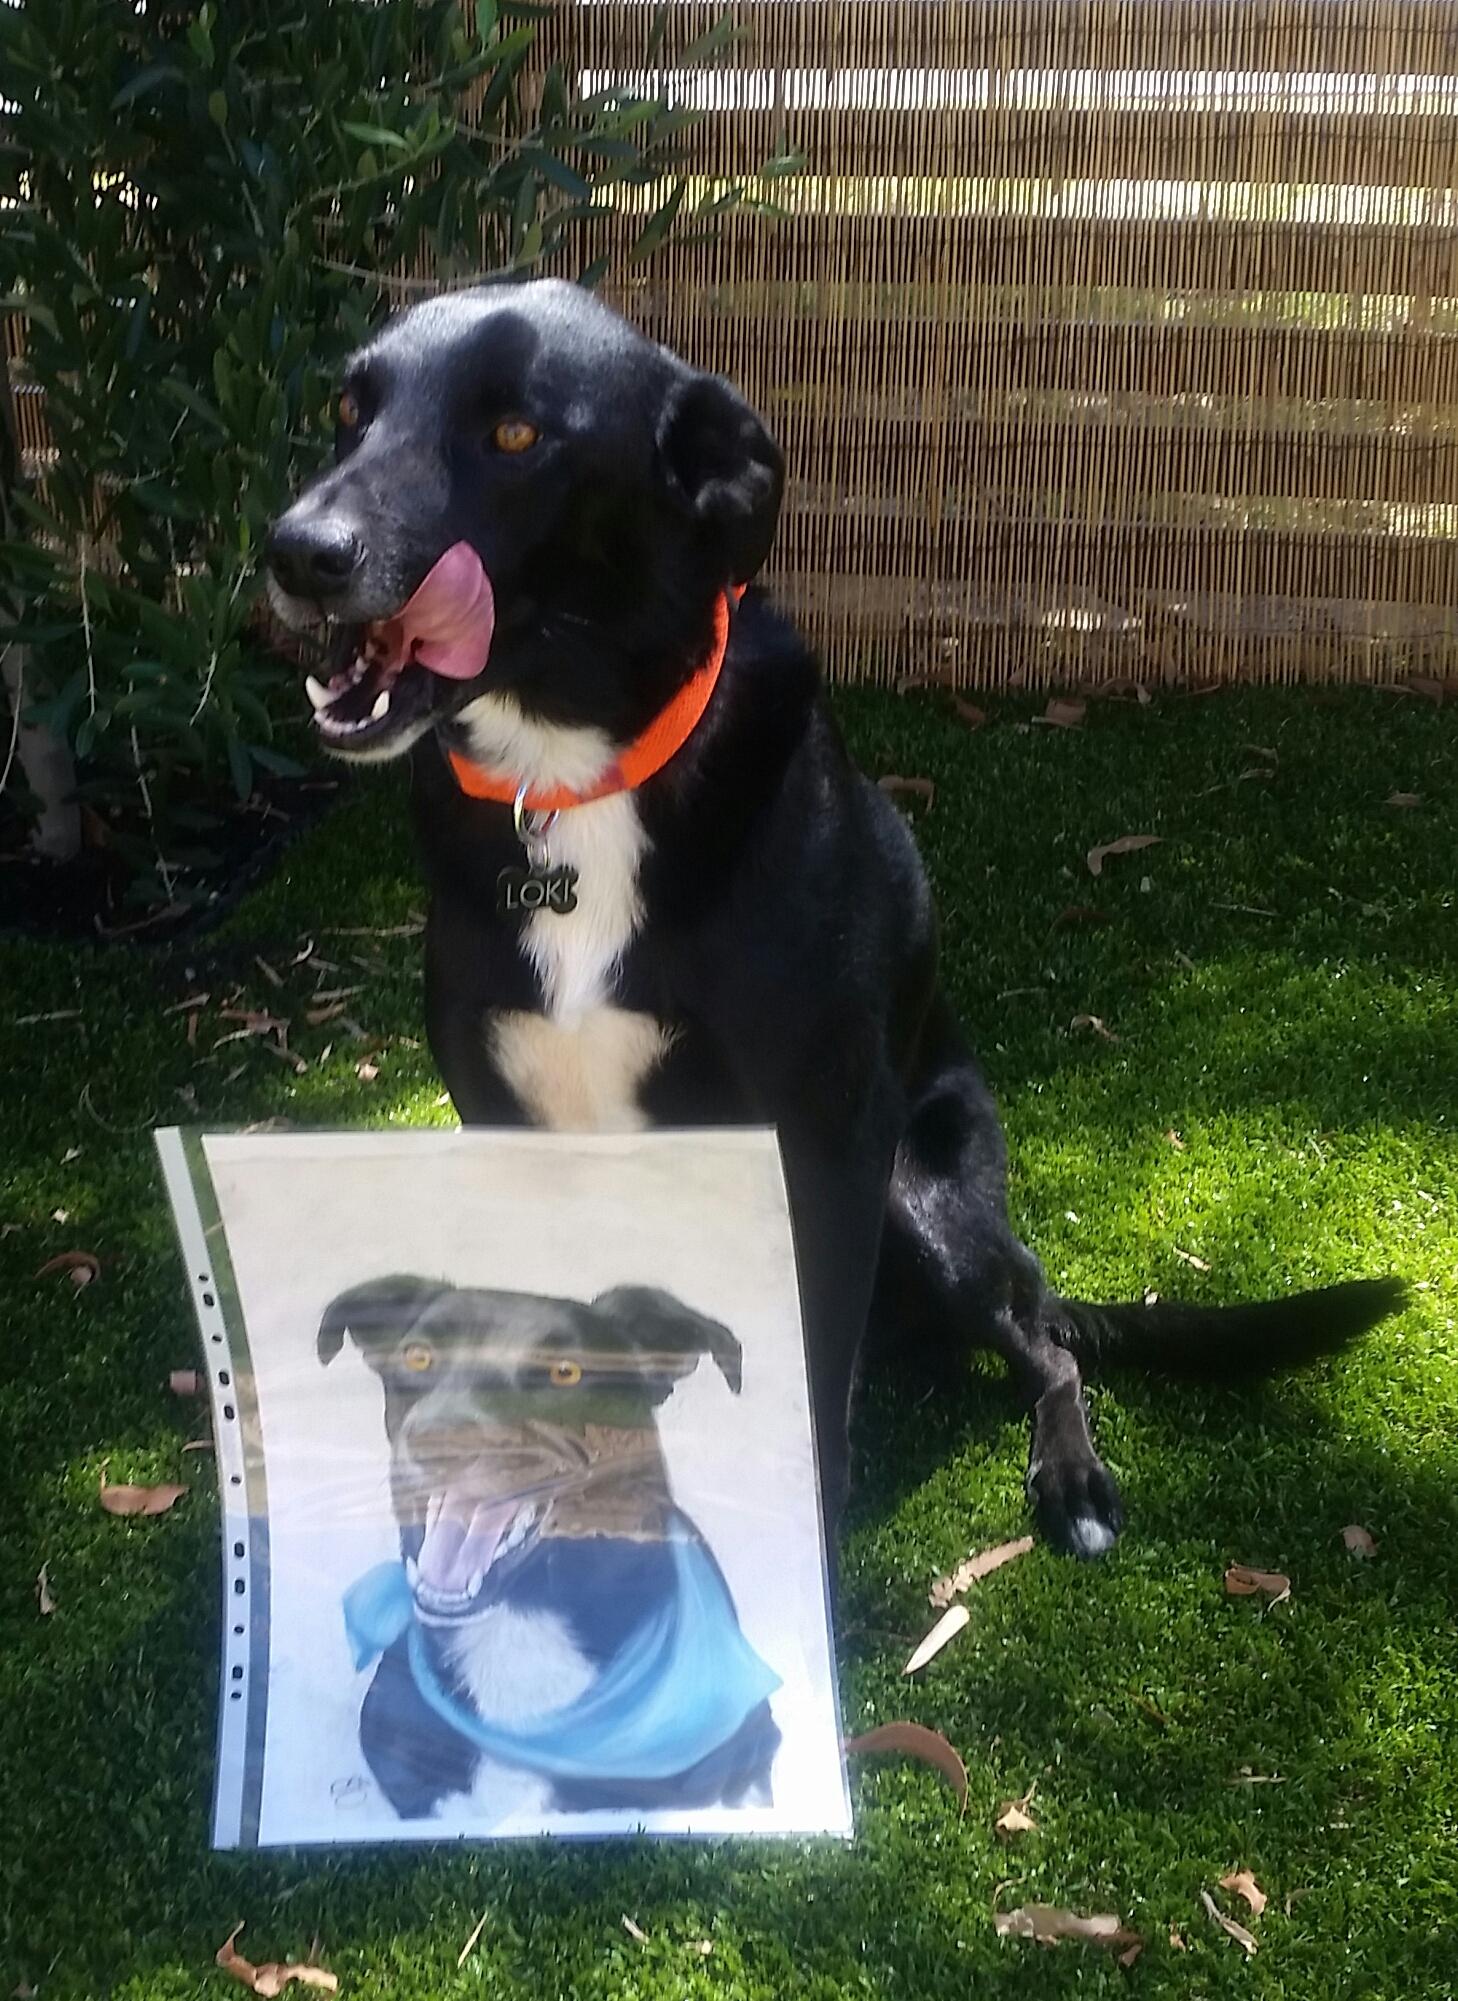 Loki with portrait